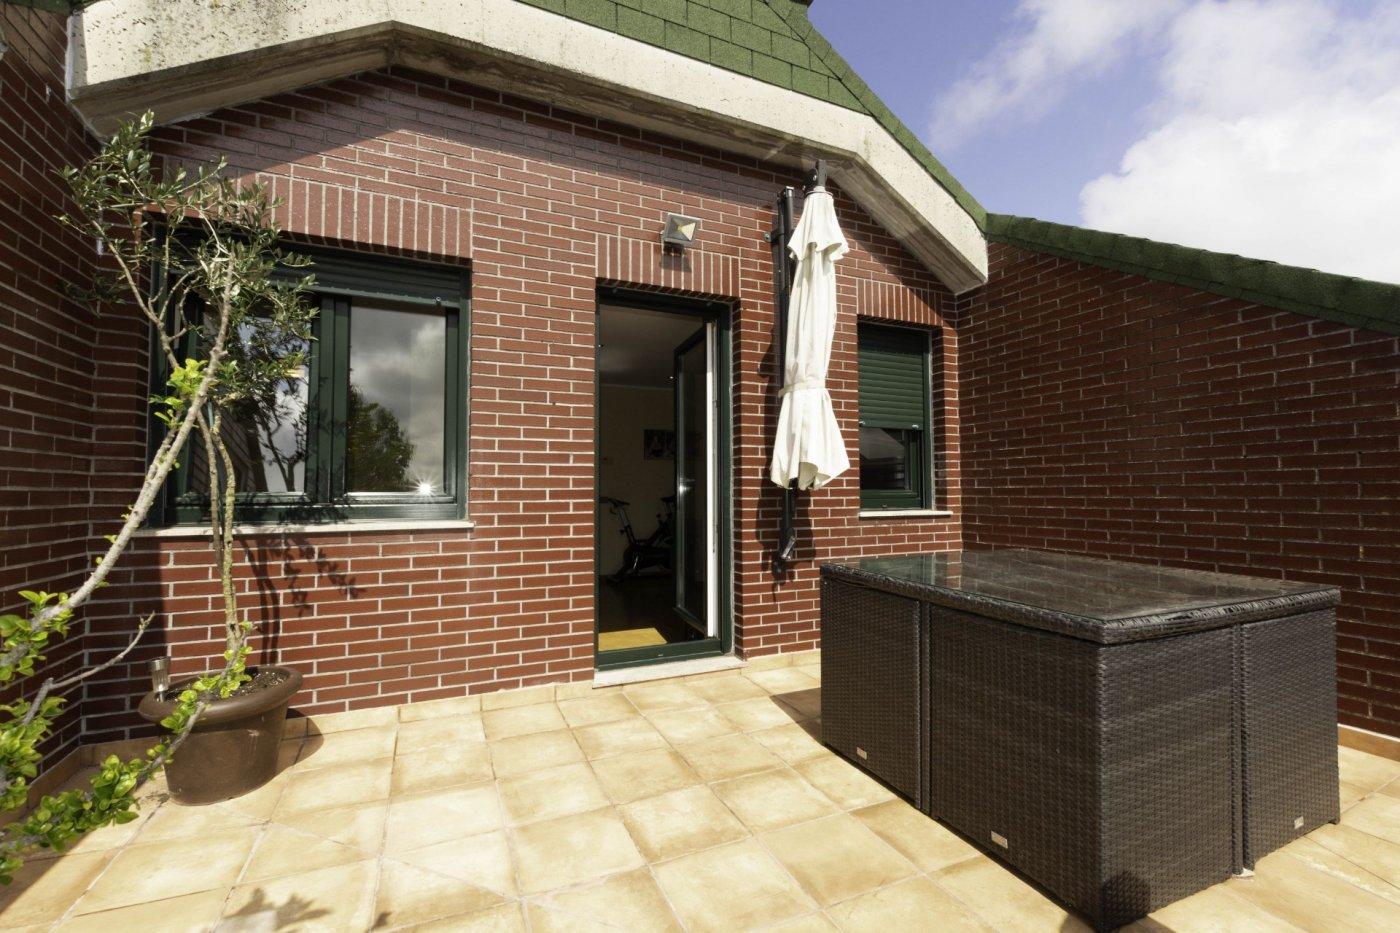 Ático con terraza de 11 m2, a 2 km de salinas - imagenInmueble1